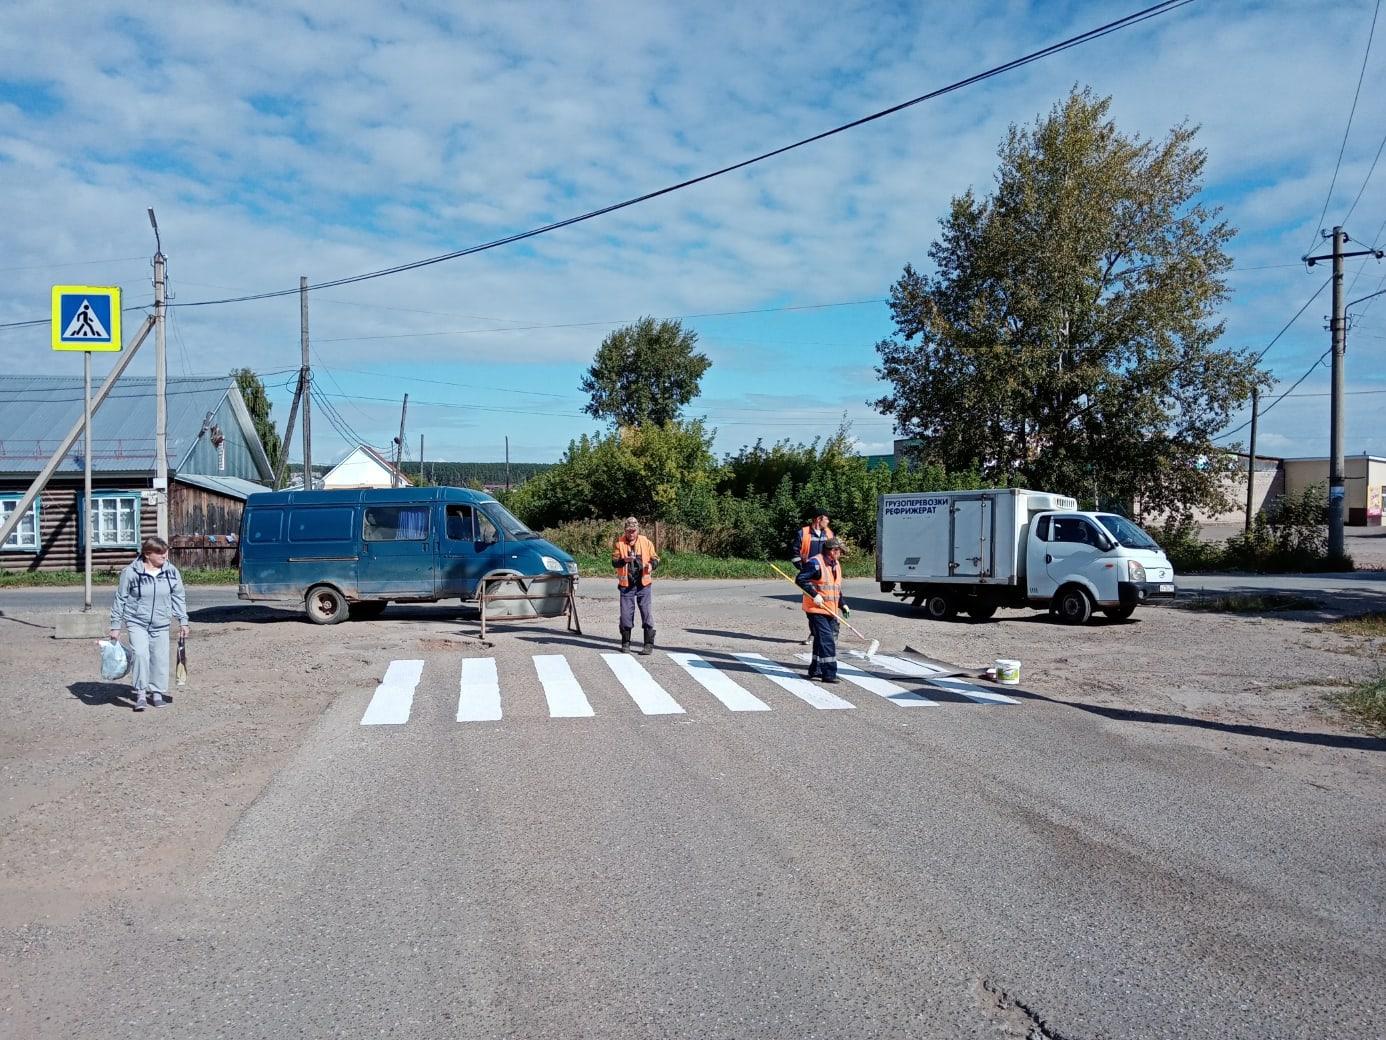 Сегодня дорожники начали работы по устройству пешеходных переходов на перекрёстке ул. Луговая и пер. Базовый.